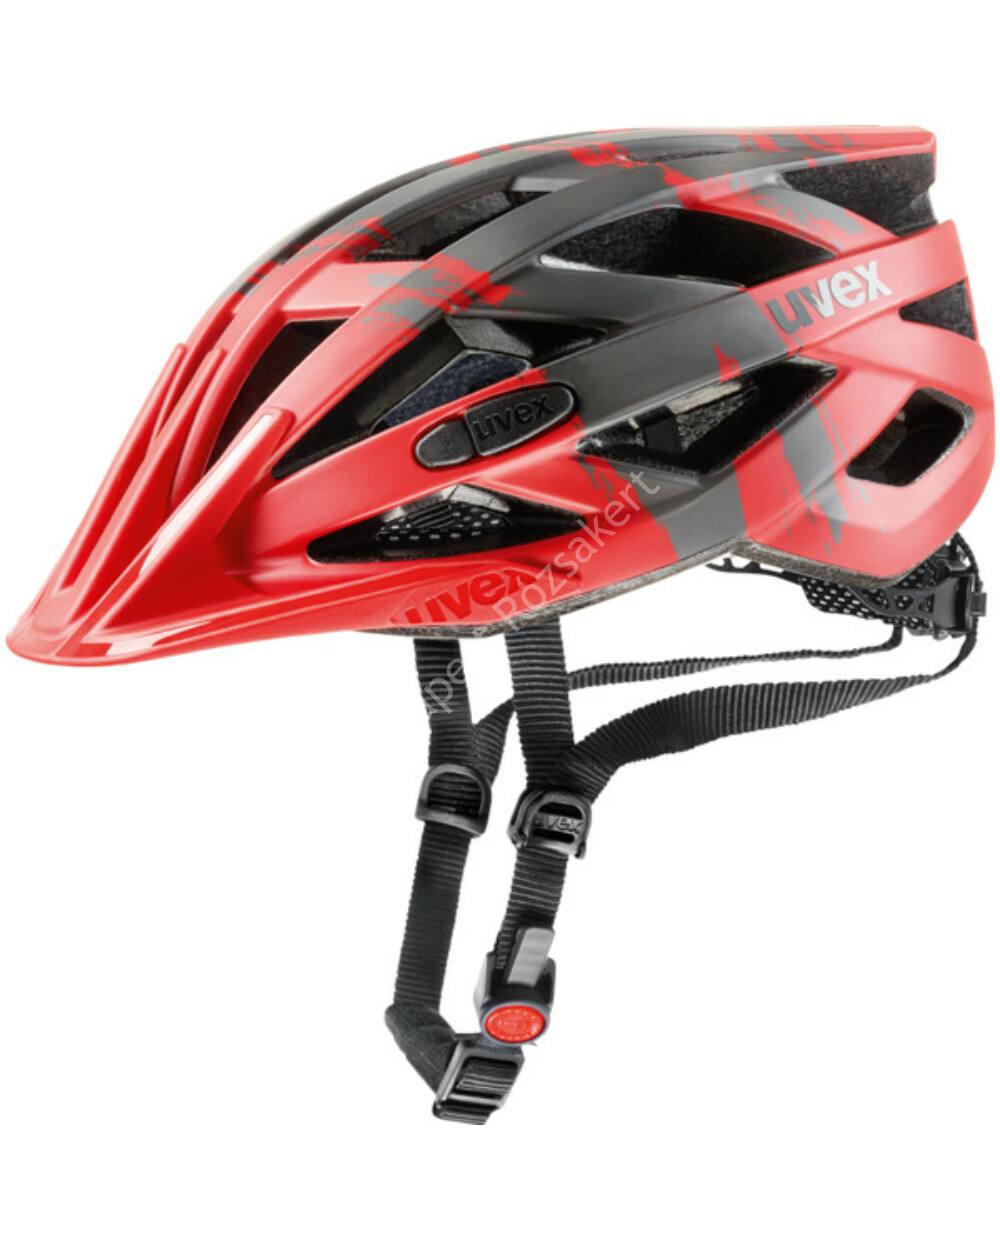 Uvex I-VO CC kerékpáros bukósisak, piros-sötét ezüst, 56-60 cm